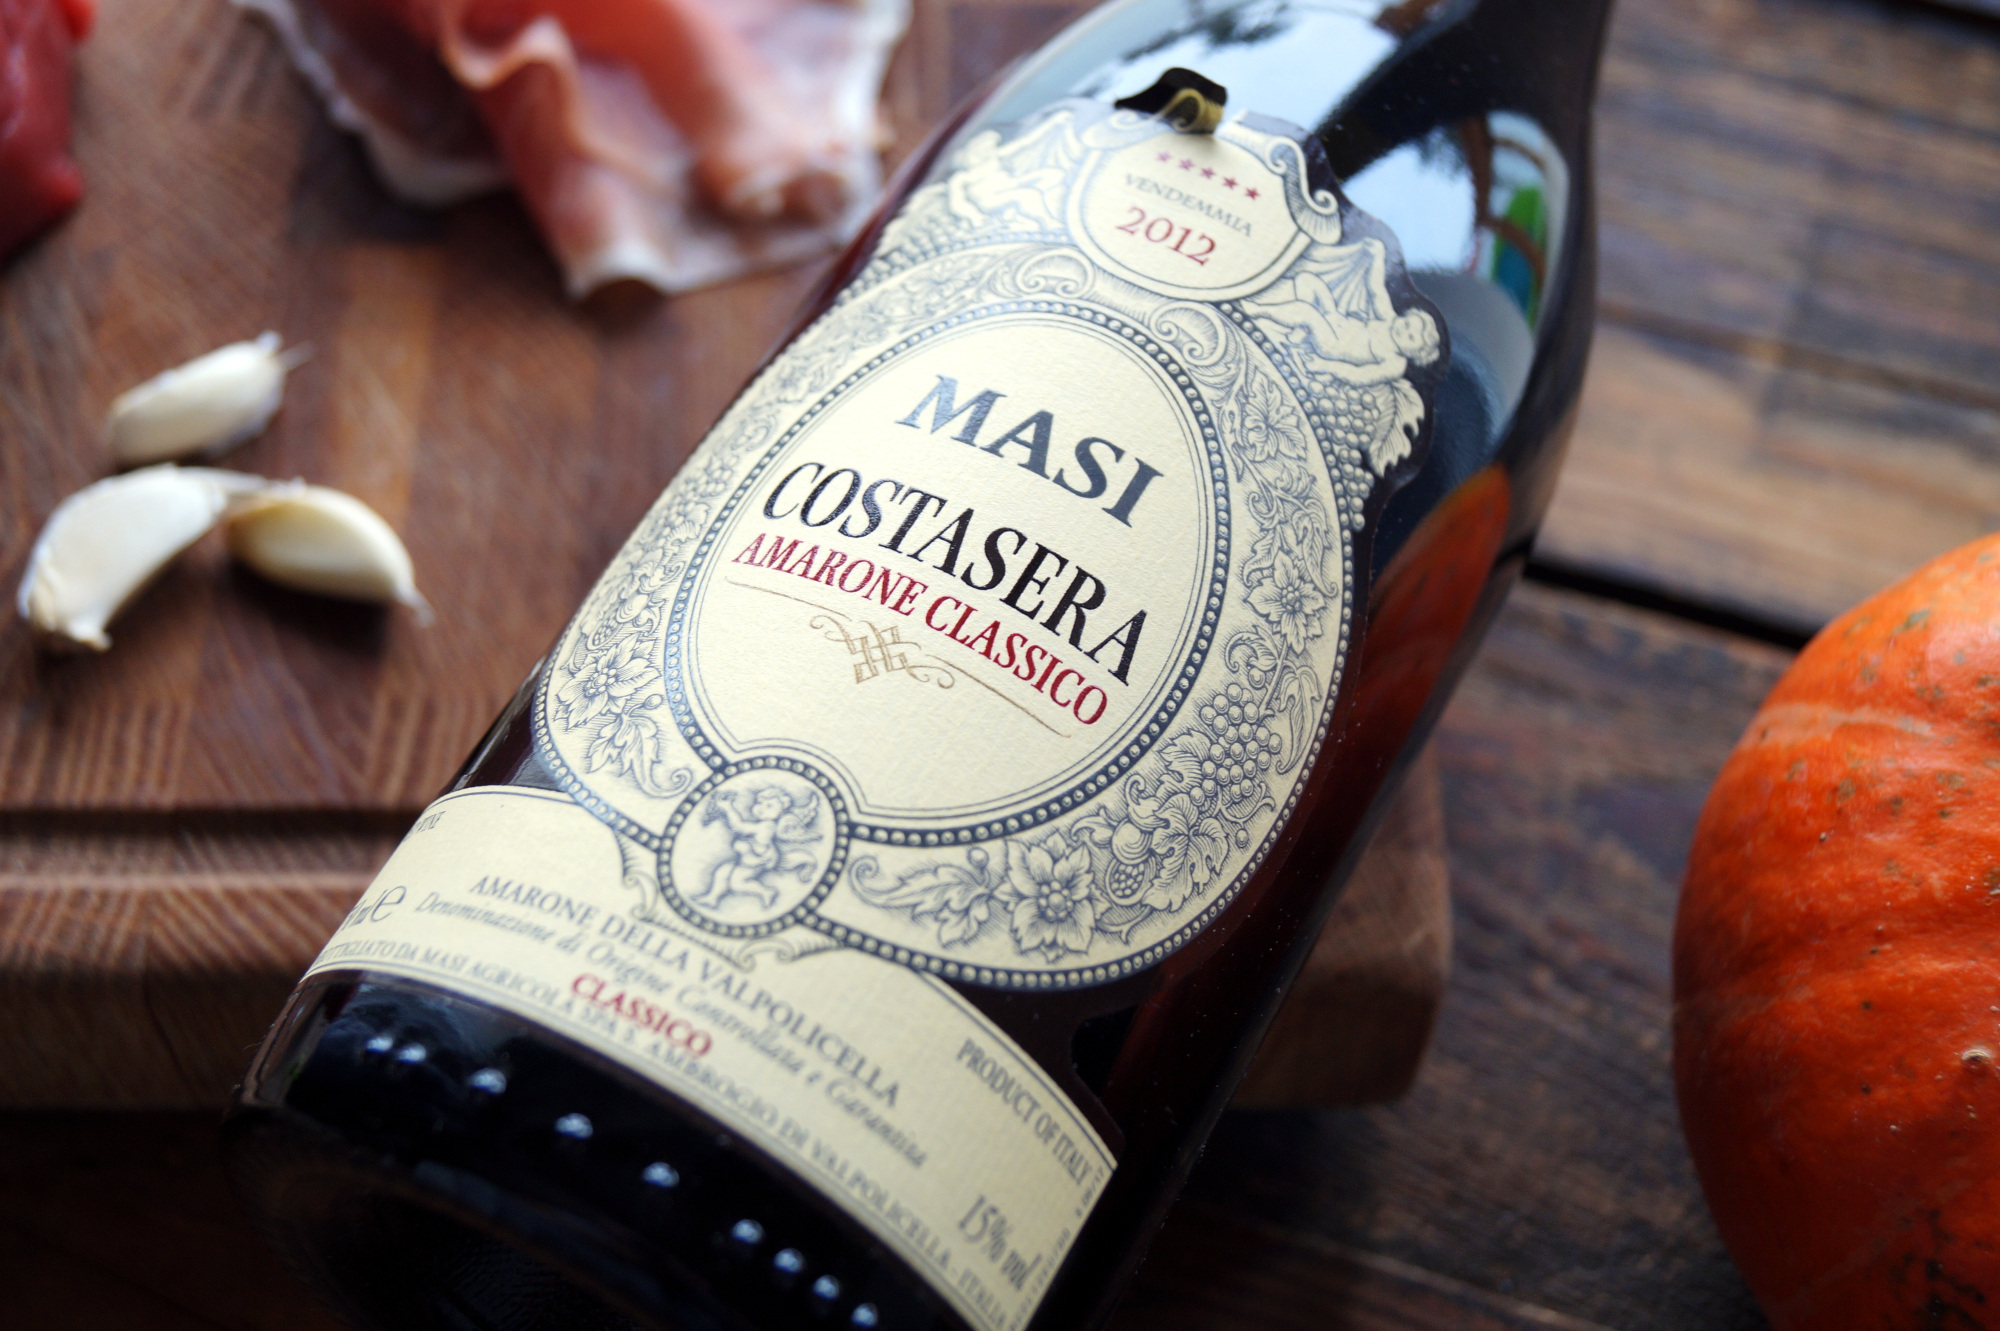 Wein des Monats Dezember – Weihnachtsempfehlung